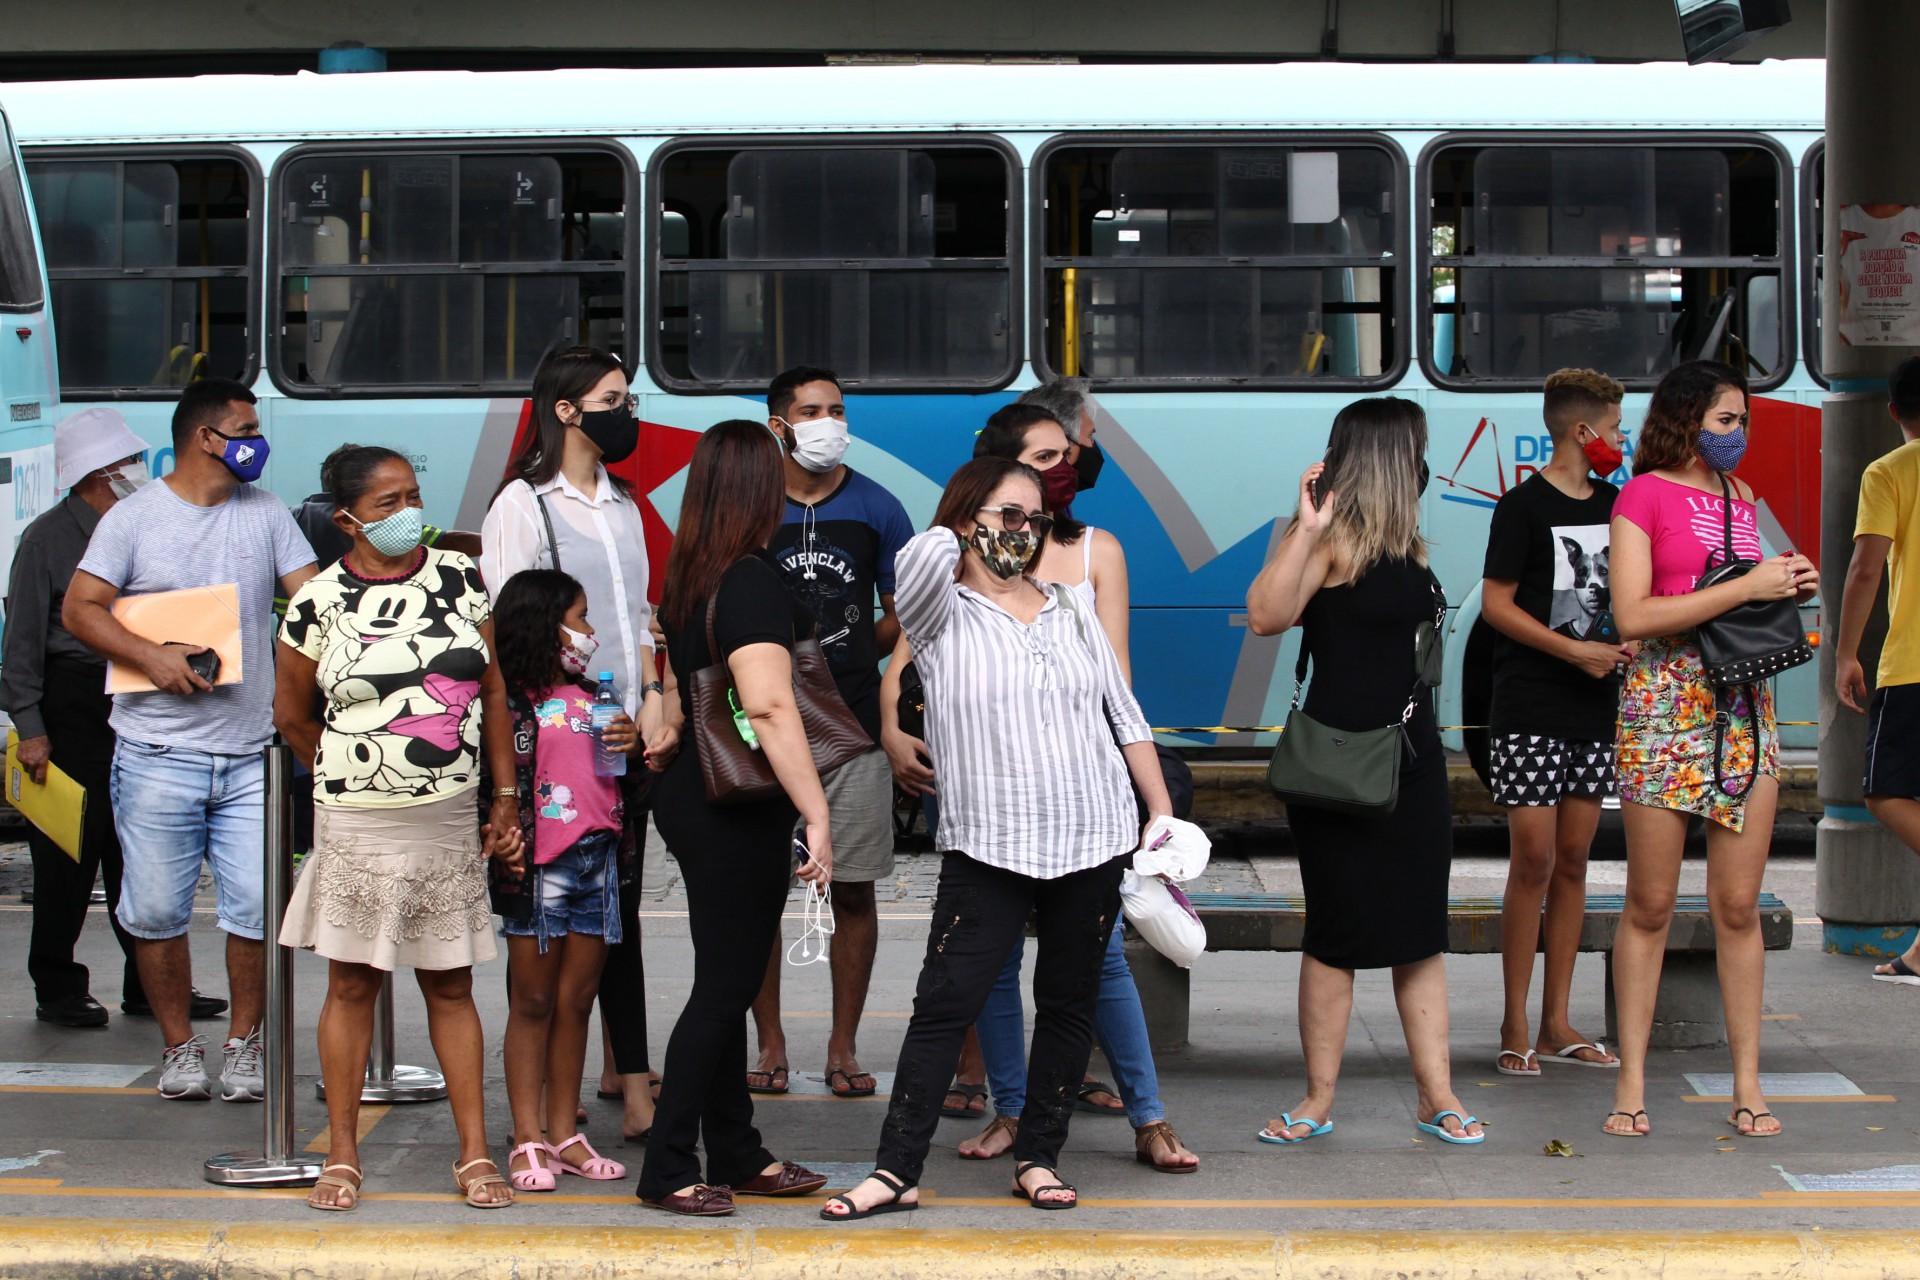 FORTALEZA,CE, BRASIL, 09.06.2021: Segundo dia da greve dos motoristas de ônibus. Terminal Parangaba.  (Fotos: Fabio Lima/O POVO).